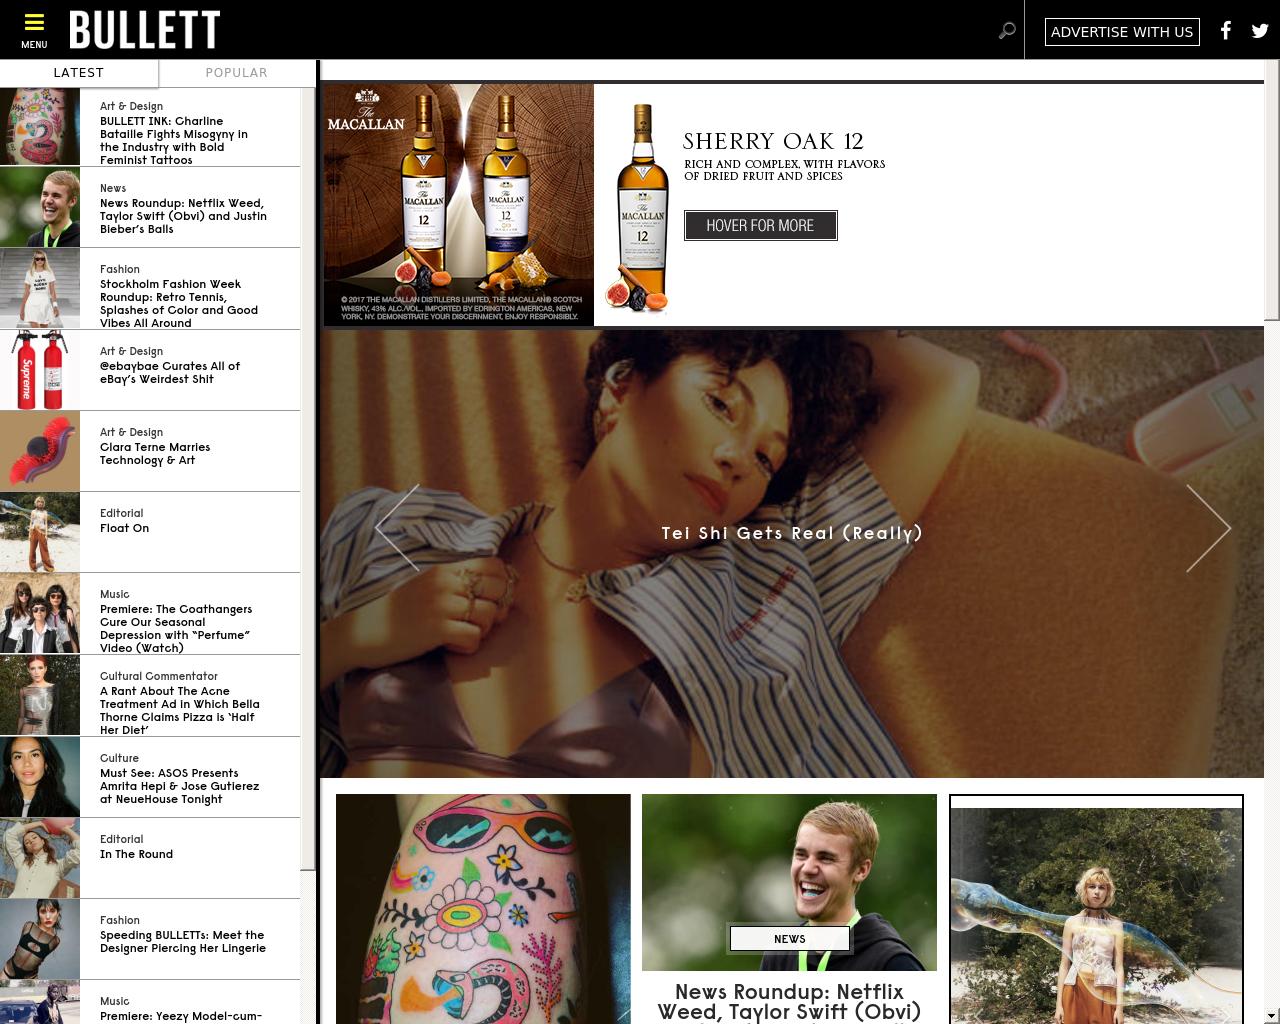 BULLETT-Media-Advertising-Reviews-Pricing